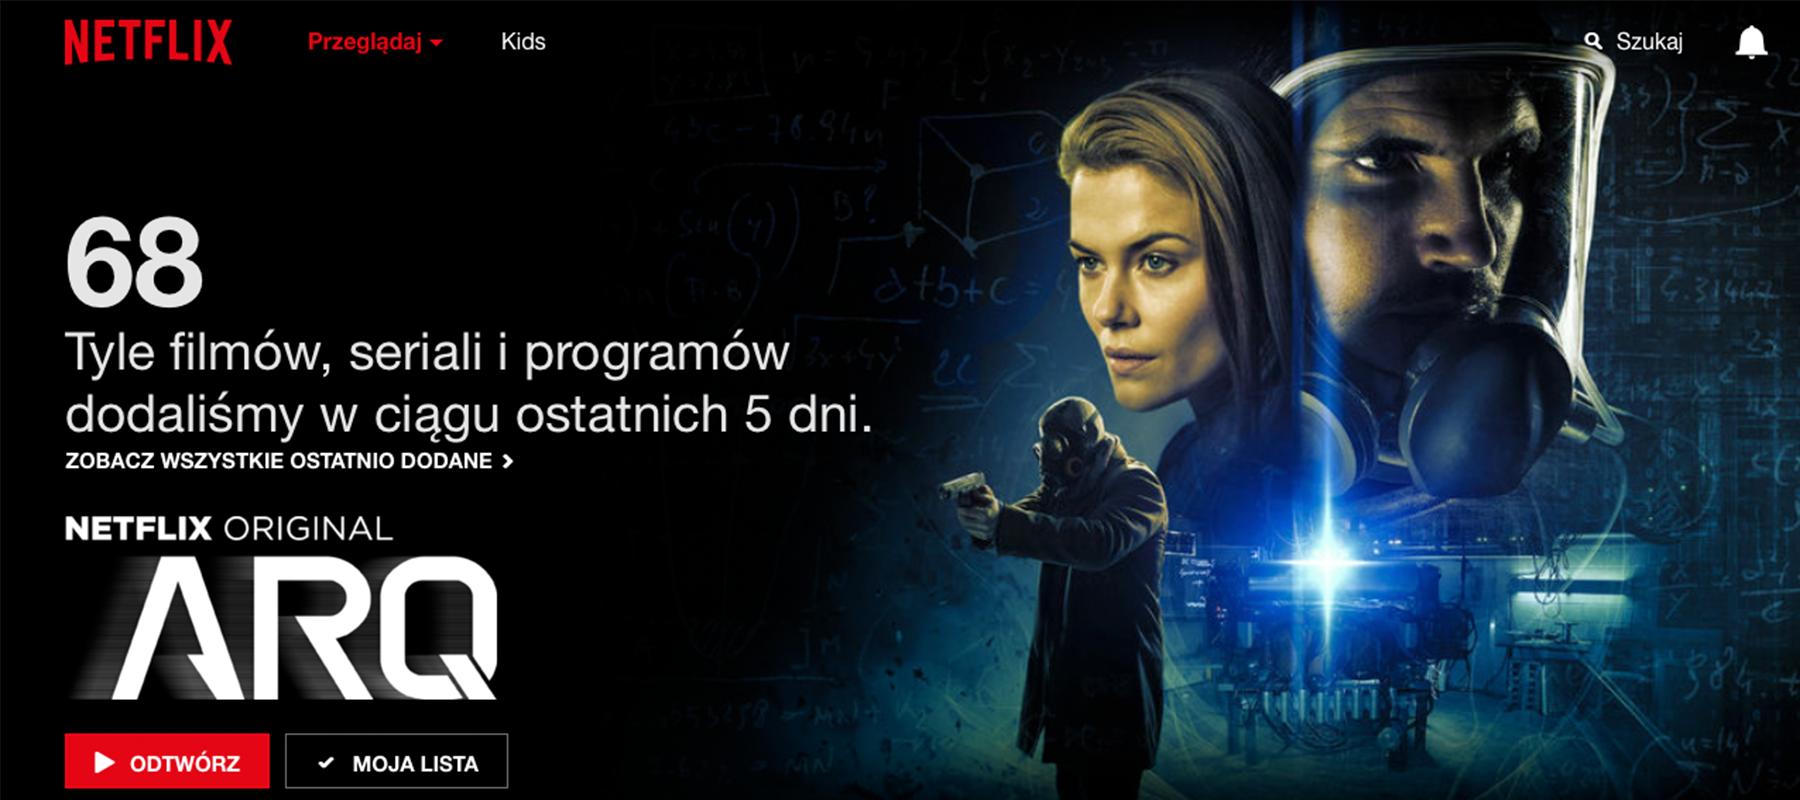 Netflix Baza Filmów Po Polsku